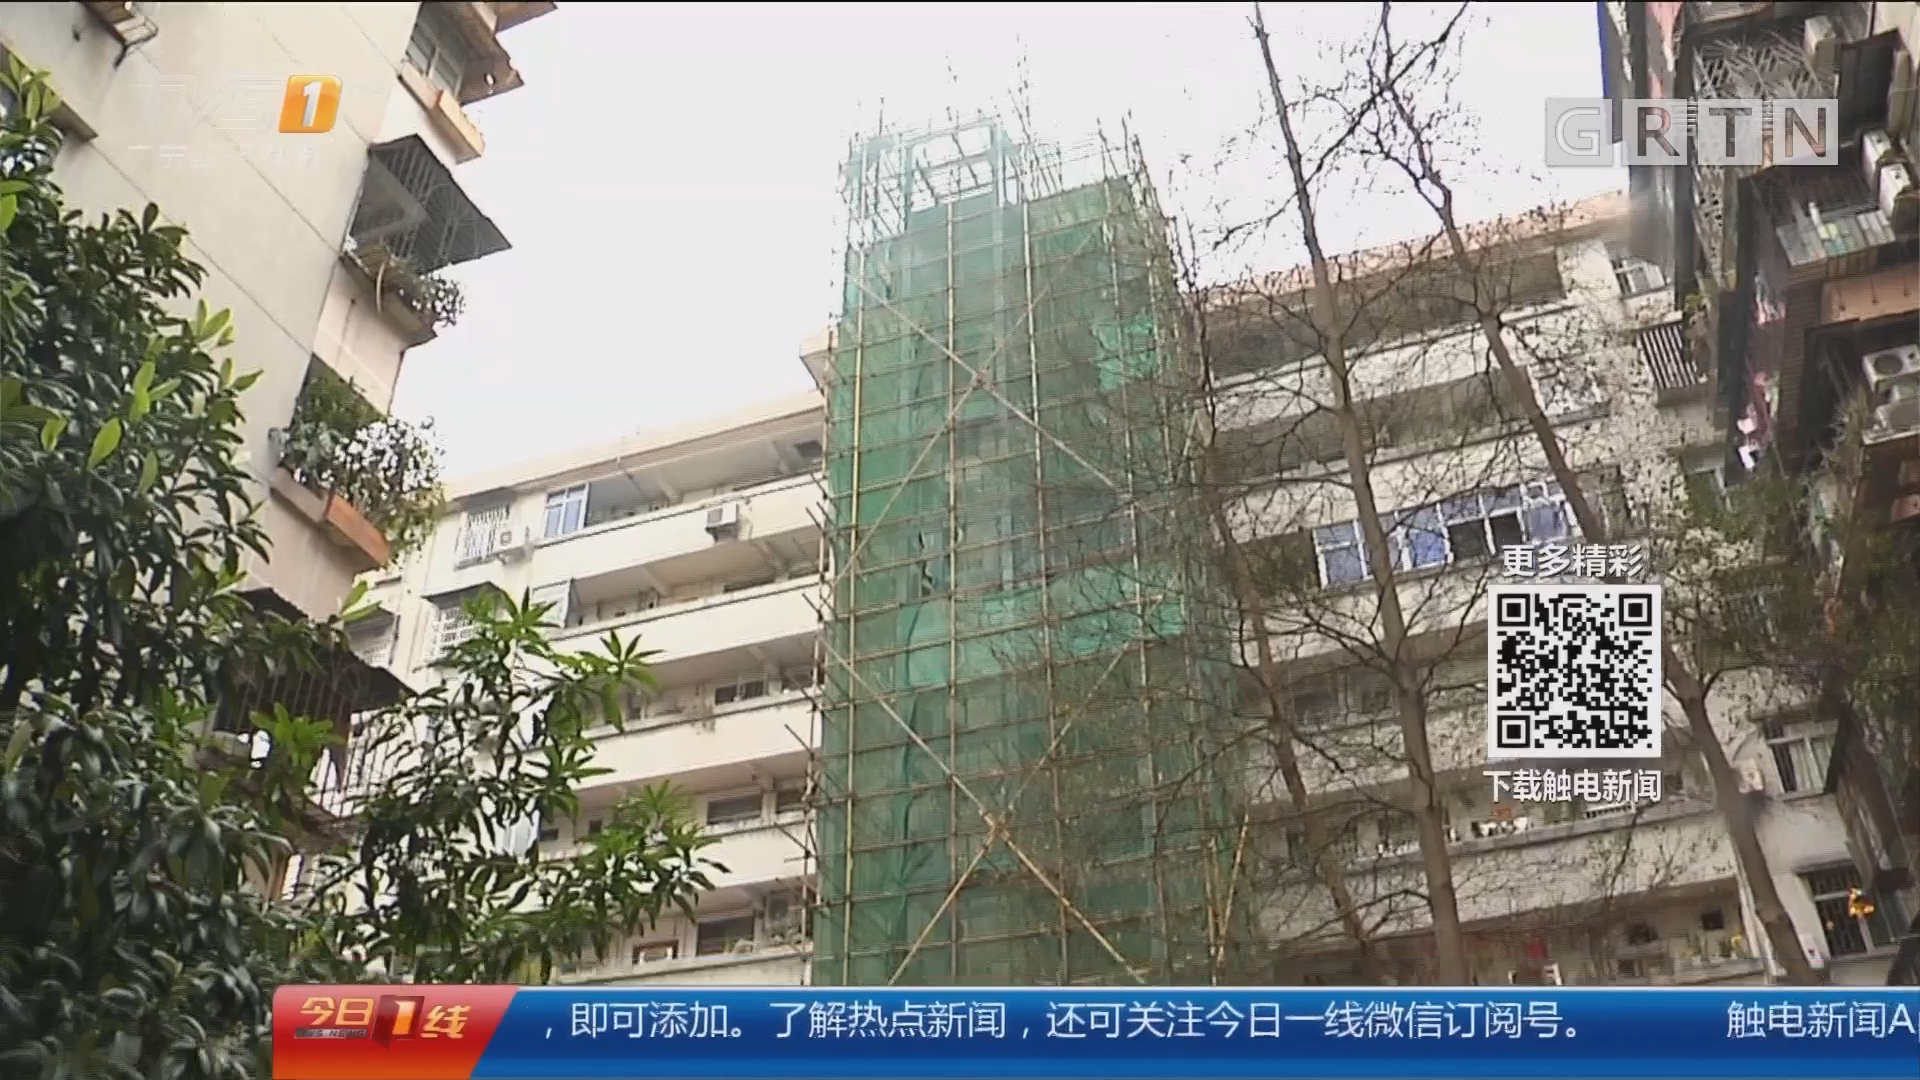 广州天河:旧楼加装电梯每梯补助10万元